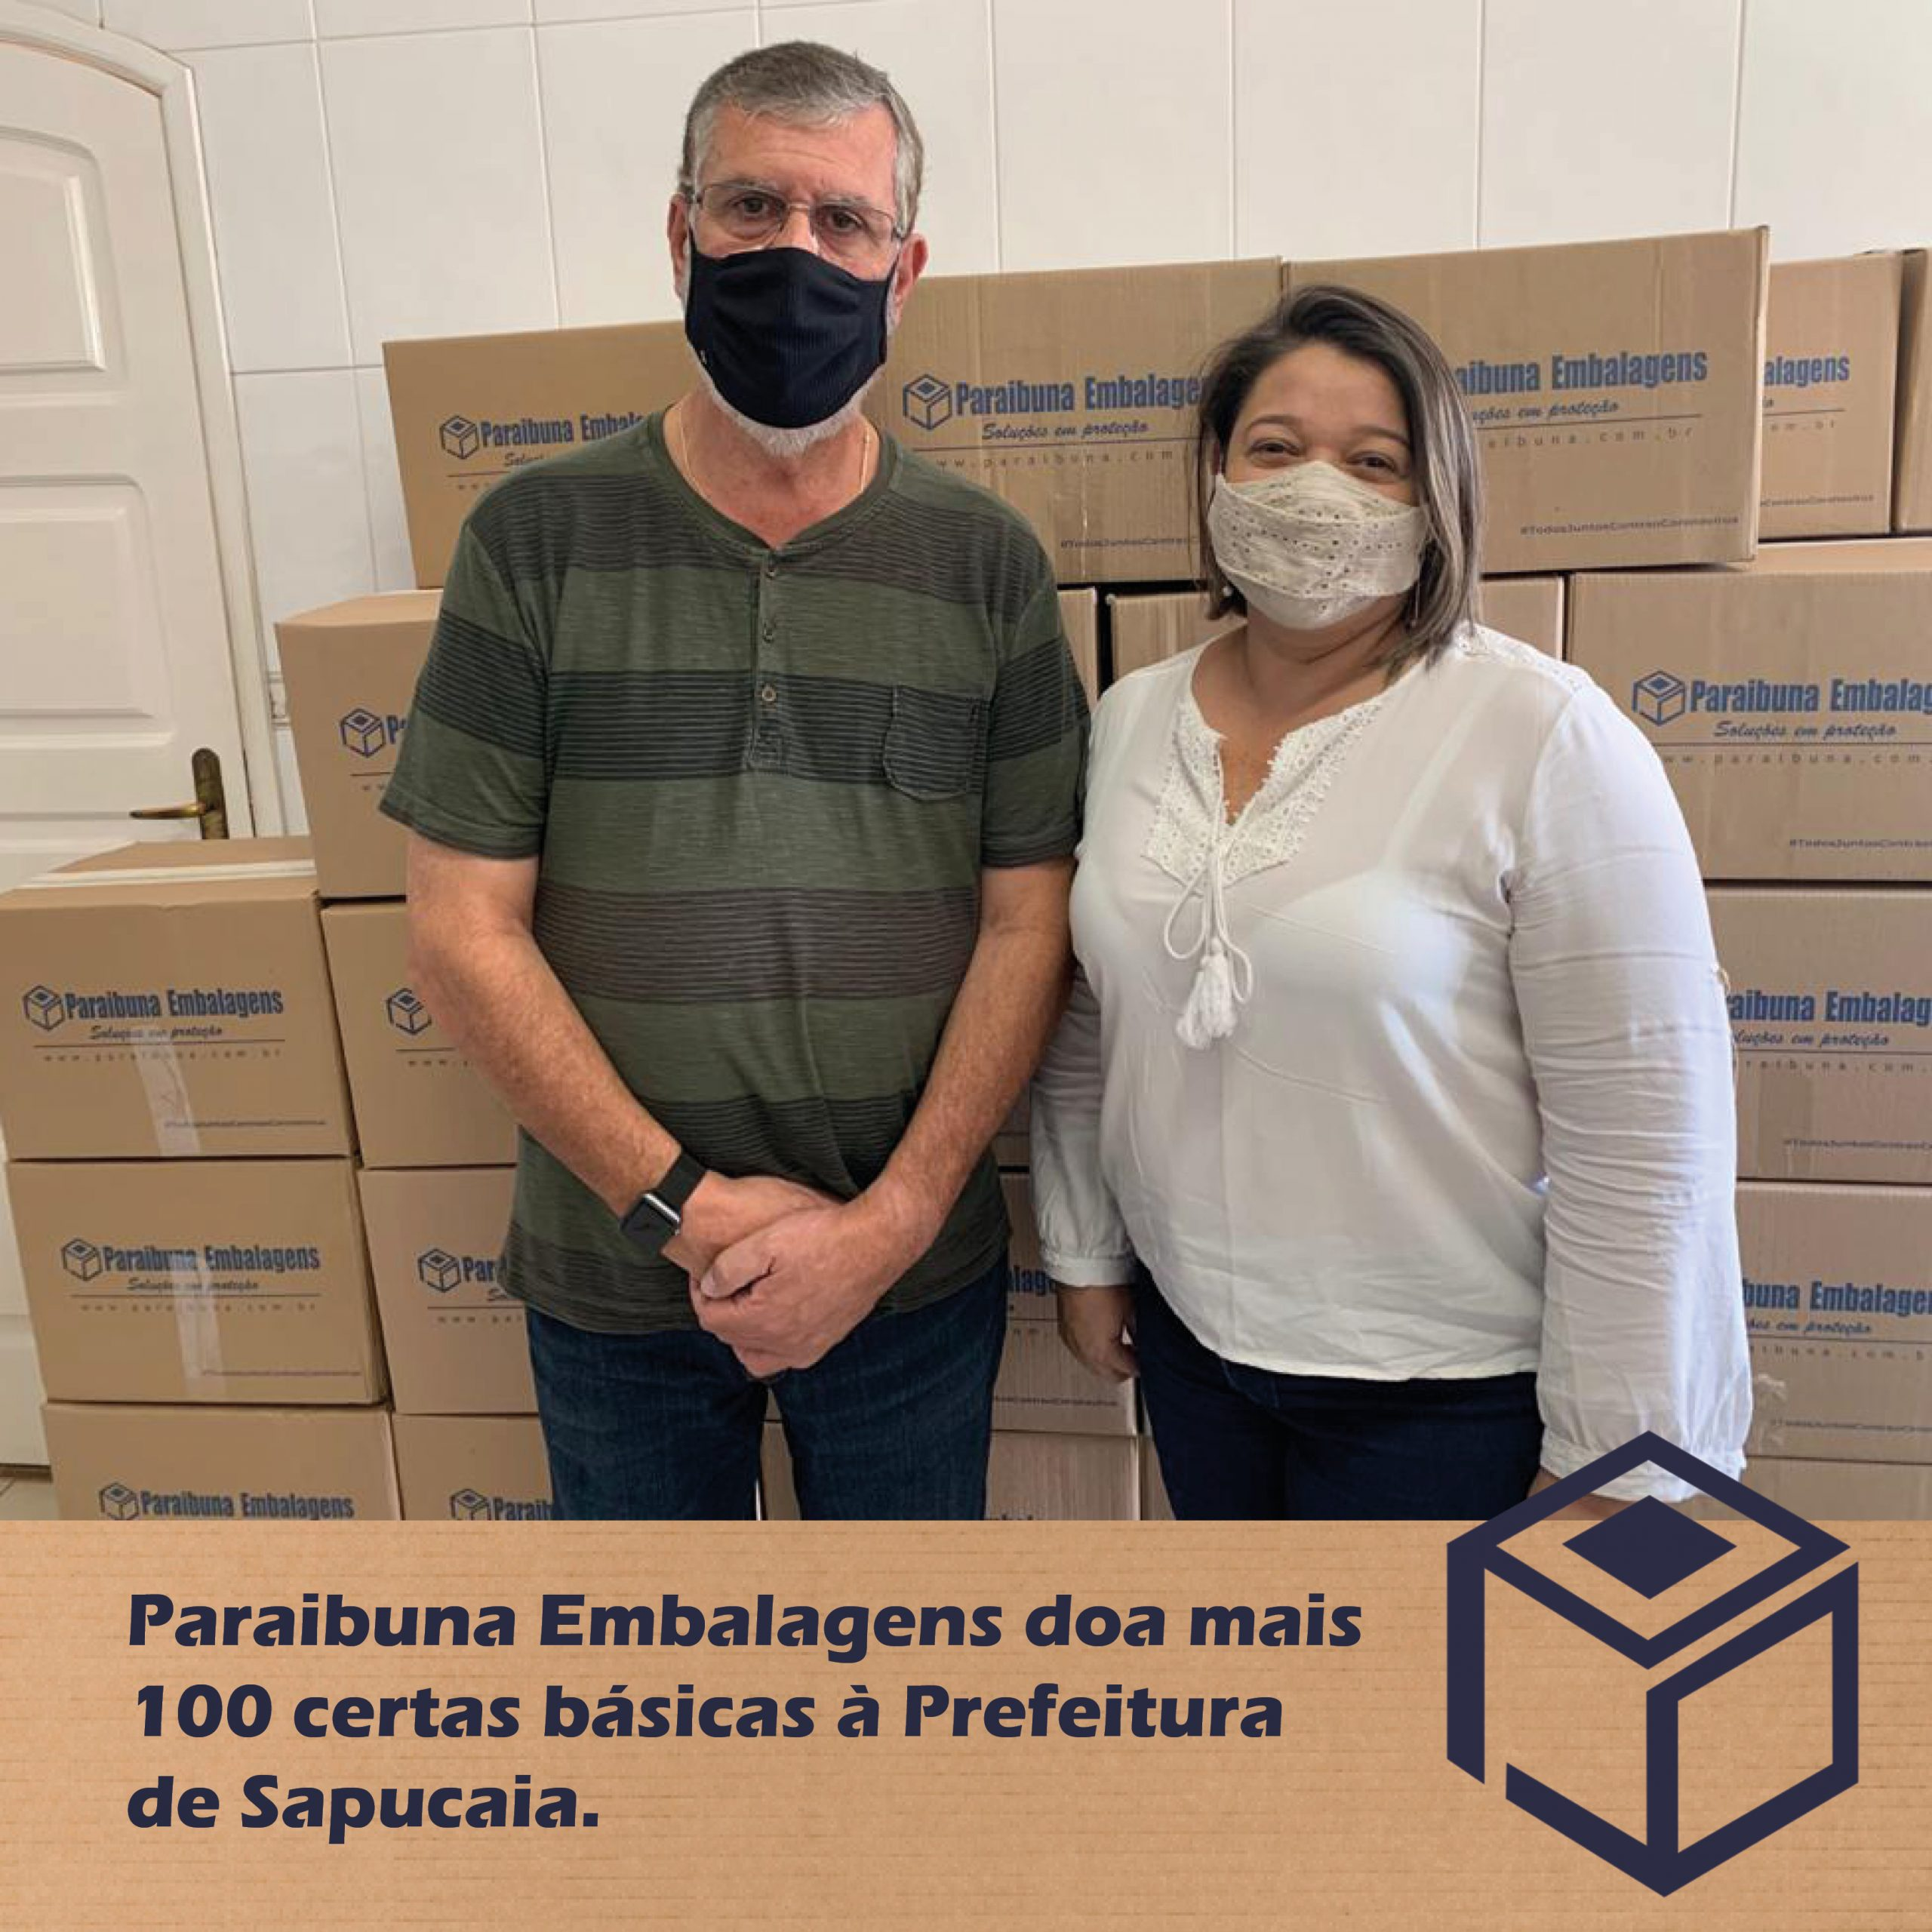 Paraibuna Embalagens doa mais 100 cestas básicas à Prefeitura de Sapucaia.